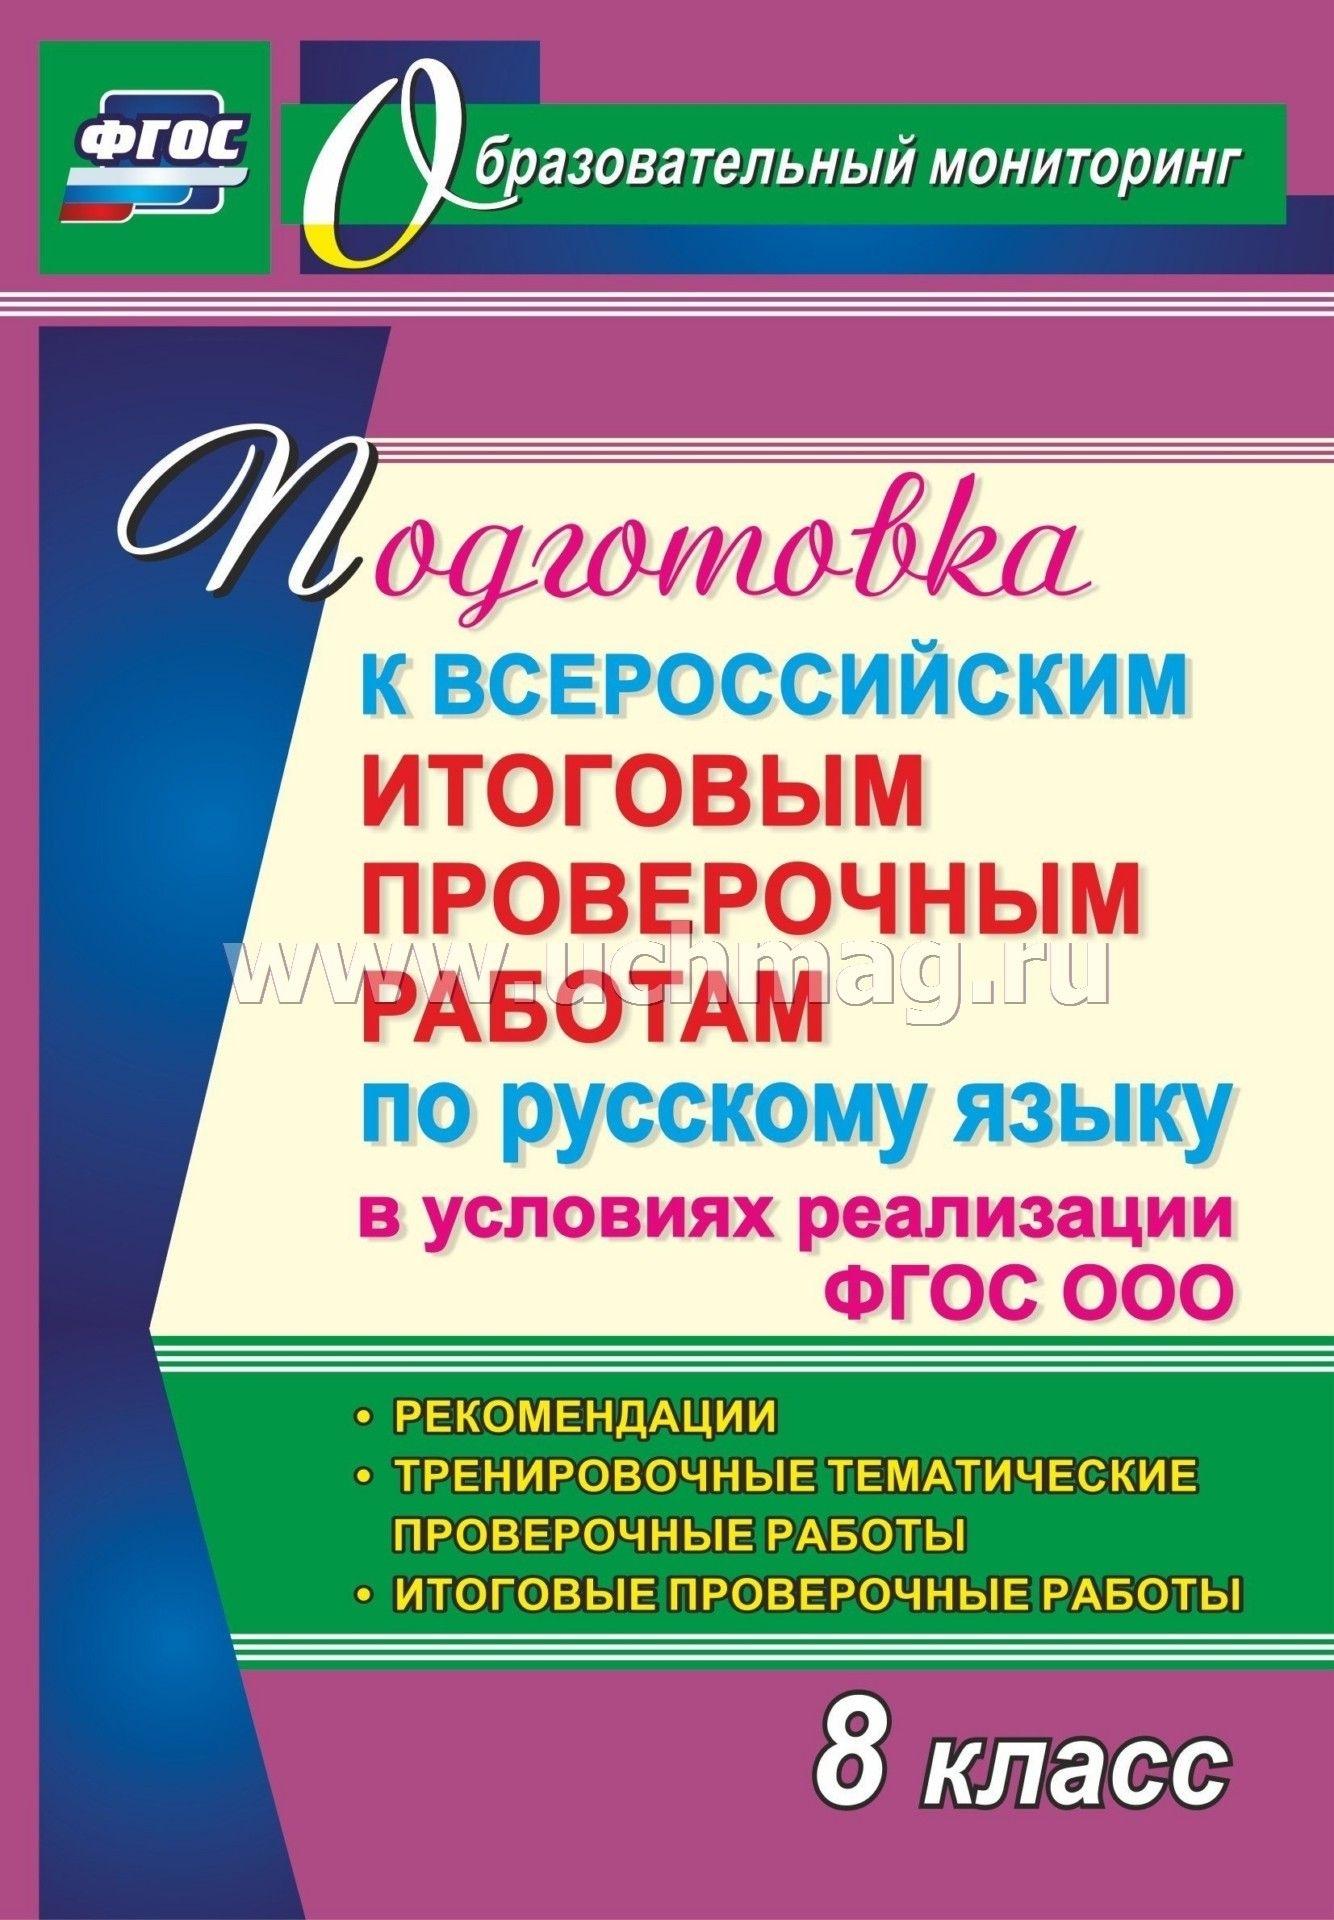 Подготовка К Всероссийским Итоговым Проверочным Работам По Русскому Языку В  Условиях Реализации Фгос Ооо. 8 Класс. Рекомендации, Тренировочные